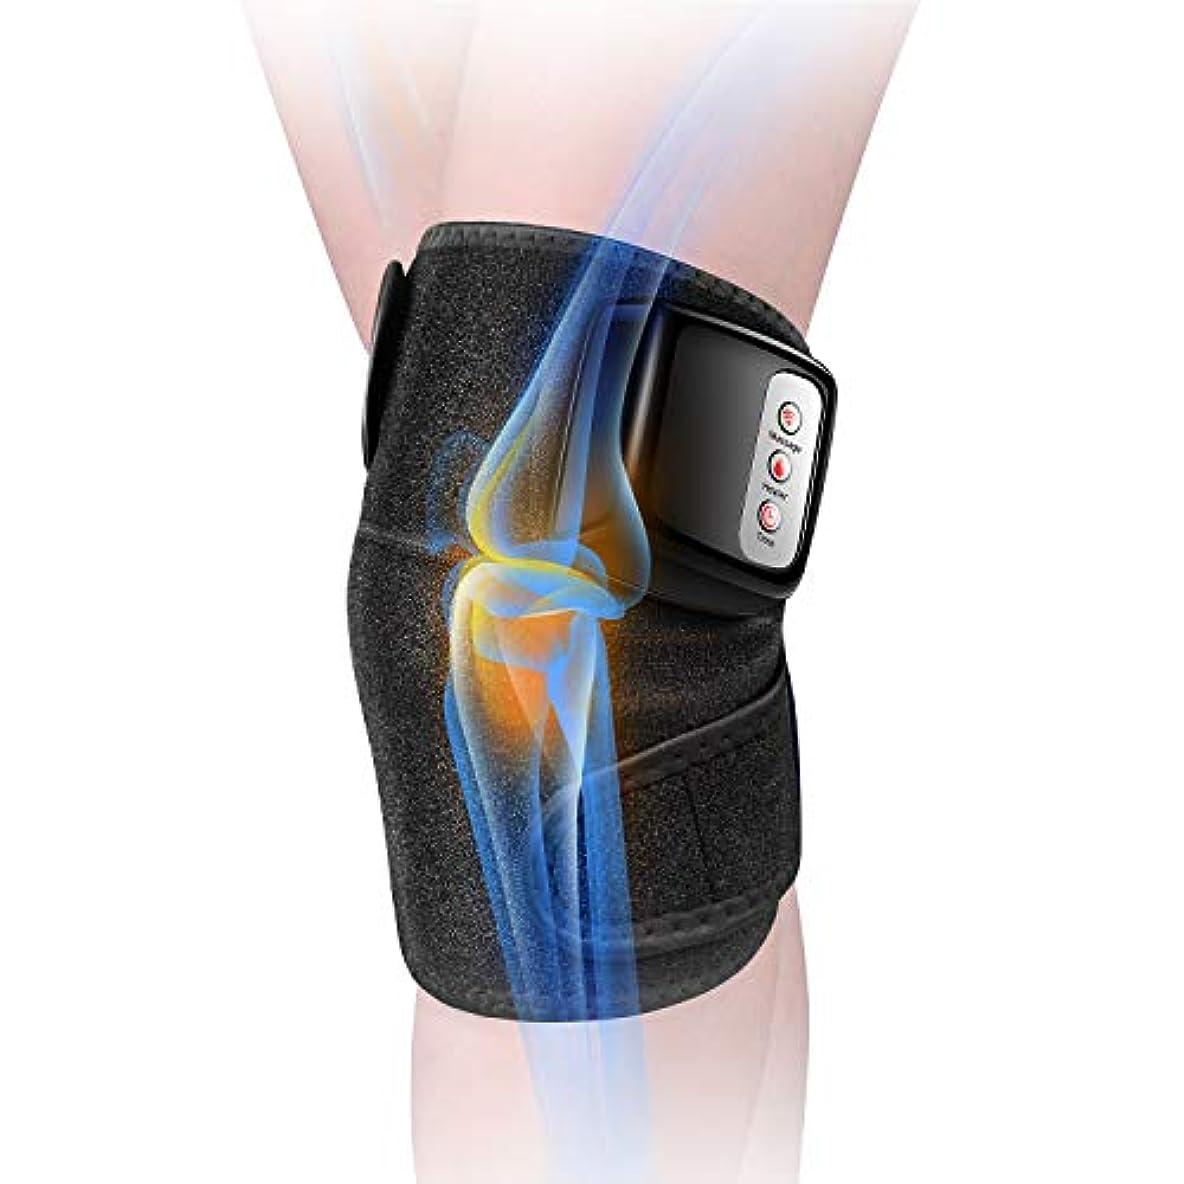 謝罪不誠実練習した膝マッサージャー 関節マッサージャー マッサージ器 フットマッサージャー 振動 赤外線療法 温熱療法 膝サポーター ストレス解消 肩 太もも/腕対応